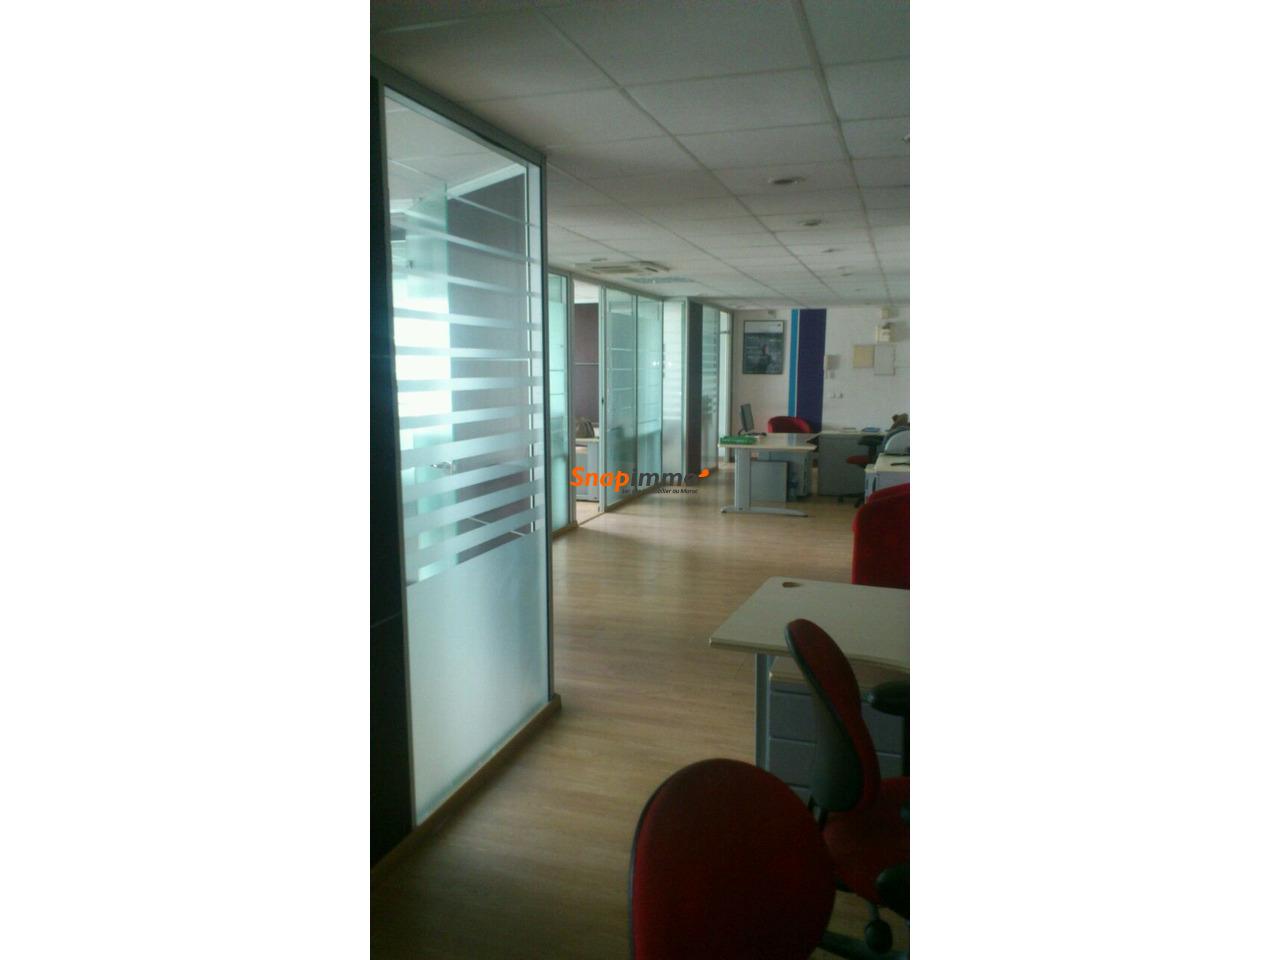 Bureau 118 m2 a vendre sur abdelmoumen - 1/2